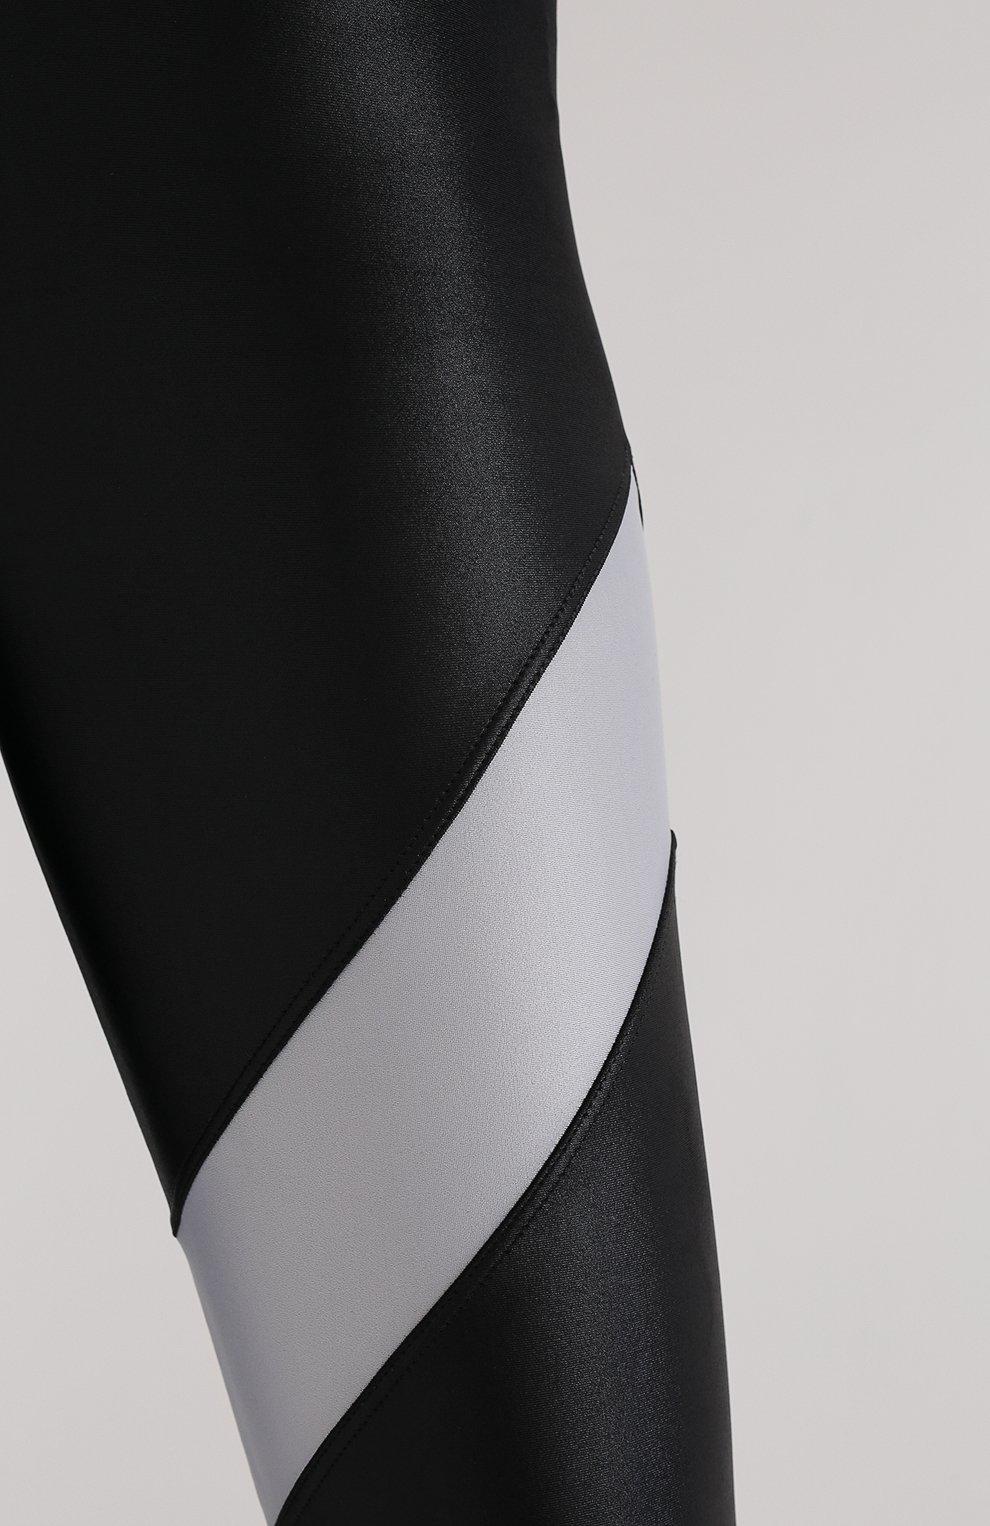 Женские леггинсы koral x kappa KORAL X KAPPA черного цвета, арт. KP2492HS04 | Фото 5 (Длина (брюки, джинсы): Стандартные; Кросс-КТ: Спорт; Материал внешний: Синтетический материал; Стили: Спорт-шик; Женское Кросс-КТ: Леггинсы-спорт)